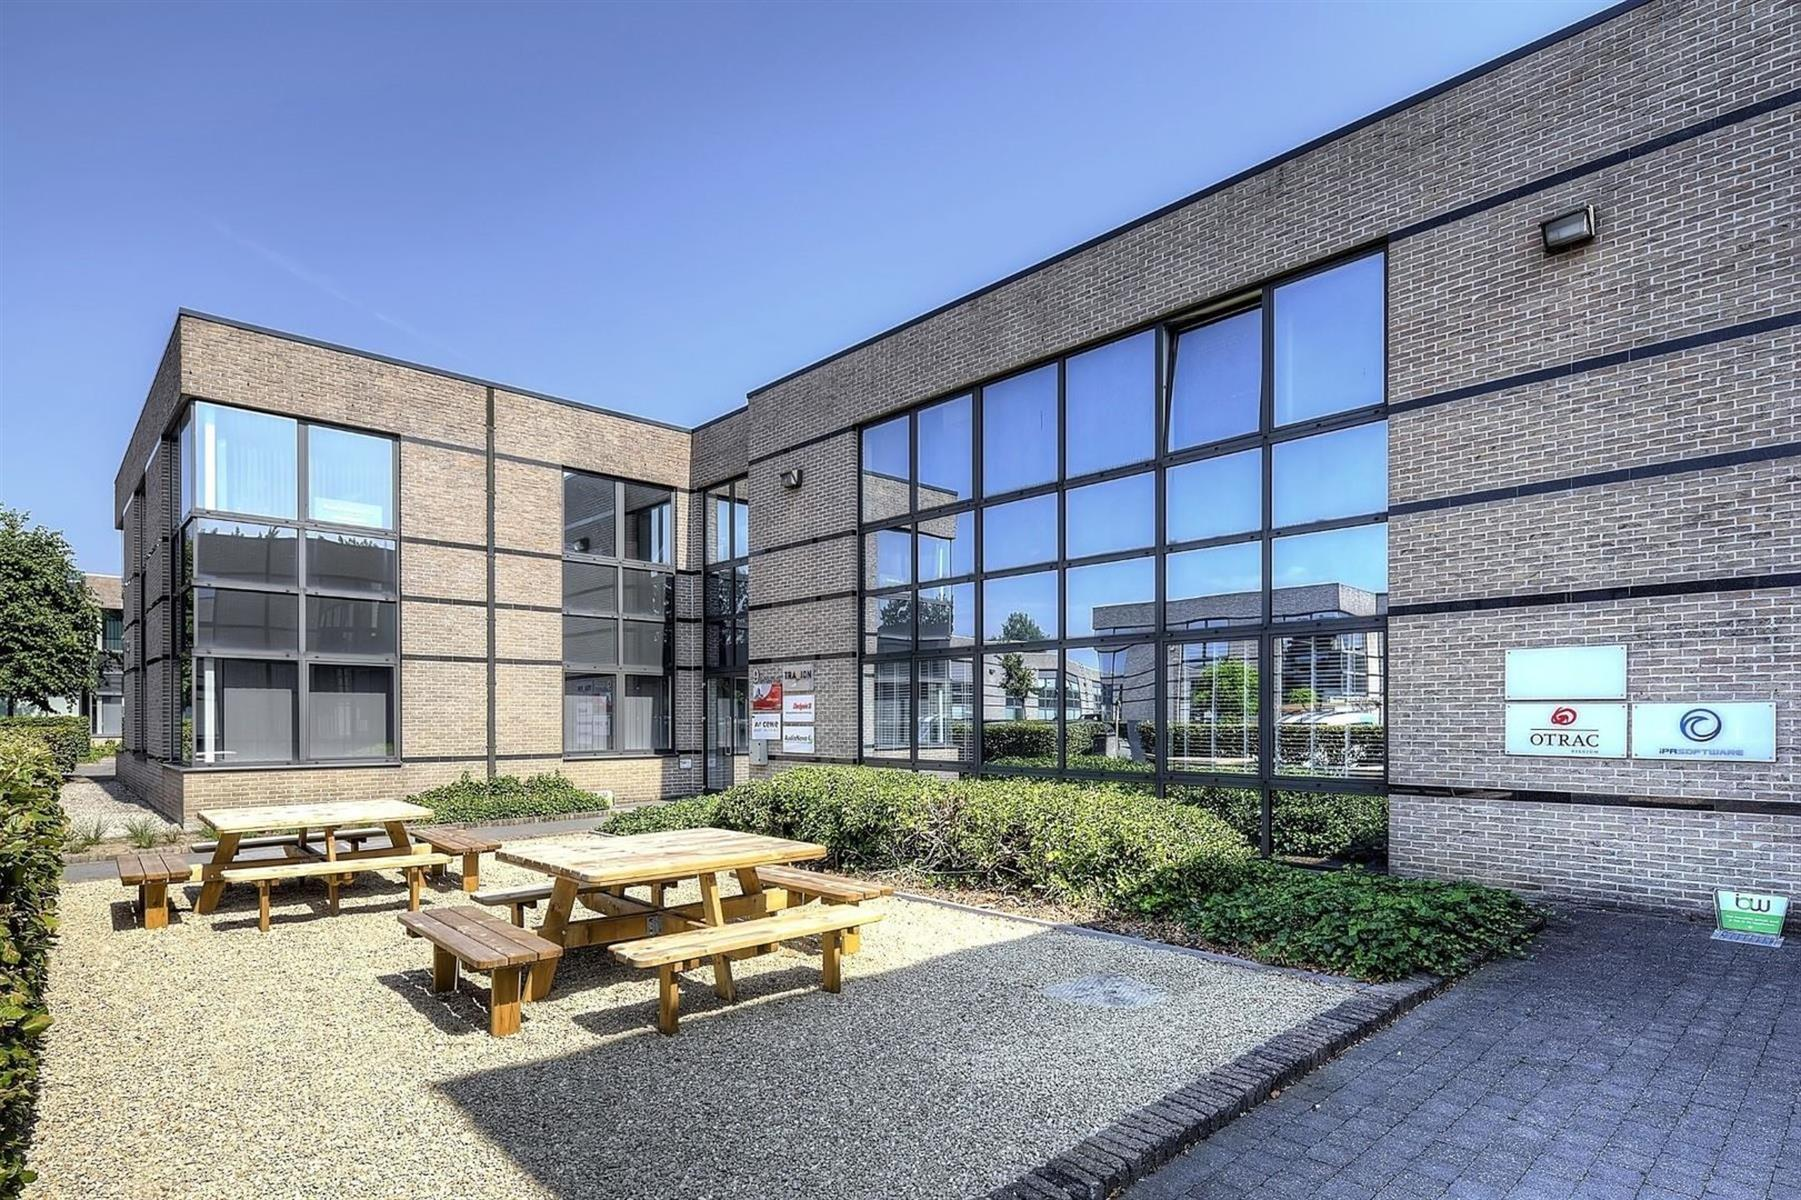 kantoor te huur I126 - 17A - unit 1/L | ingericht - Generaal de Wittelaan 17, 2800 Mechelen, België 3